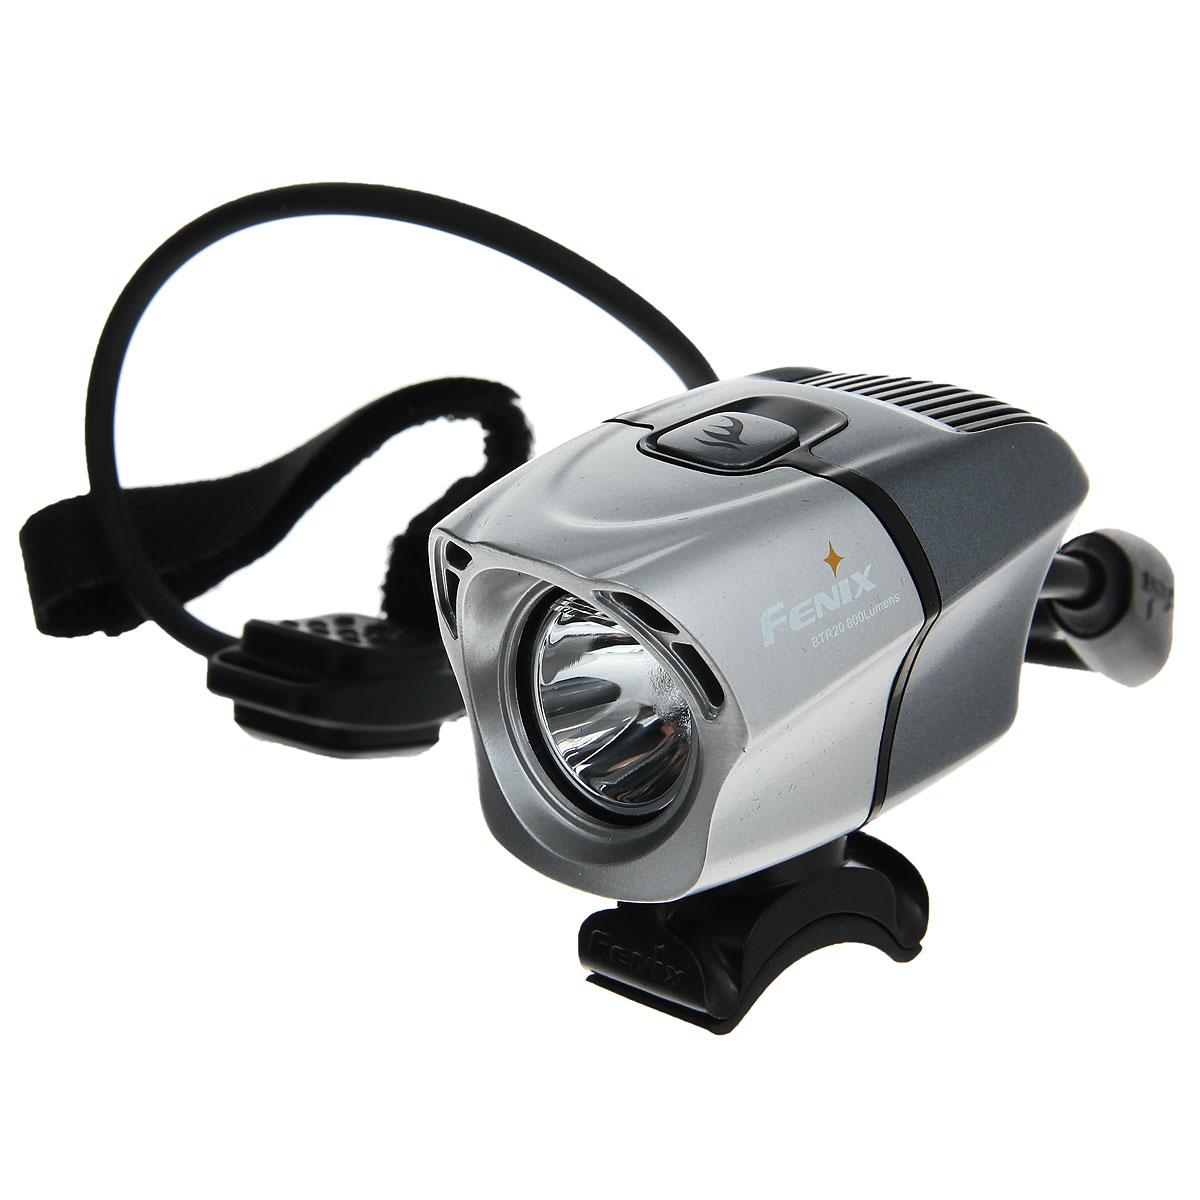 Фонарь велосипедный Fenix BTR20, светодиодныйMW-1462-01-SR серебристыйПрофессиональная велофара Fenix BTR20 Cree XM-L. Особенностью Fenix BTR20 Cree XM-L является дистанционное управление и аккумуляторный отсек.В фонаре установлен нейтральный белый светодиод Cree XM-L (T6), максимальная яркость достигает 800 люмен по стандарту ANSI (на выходе из оптической системы). Моментальный доступ к Турбо режиму осуществляется нажатием на дистанционную кнопку, остальные 3 режима яркости и сигнальный режим управляются кнопкой на фаре.Fenix BTR20 обладает системой ближнего и дальнего освещения, которая создает обширную зону видимости, безопасную и комфортную для любого велосипедиста, и не слепит встречных прохожих и водителей транспортных средств.Продуманный аэродинамический дизайн имеет низкую сопротивляемость ветру, фара хорошо охлаждается во время движения. 2 опции батарейного отсека - на 2 и 4 аккумулятора 18650 Li-ion позволяют пользователю выбрать питание с учетом дальности поездки. Удобство использования дополняется быстросъемными устойчивым резиновым креплениями на руль, совместимыми с различными диаметрами руля (20 - 35 мм), и возможностью закрепить фонарь на шлем.